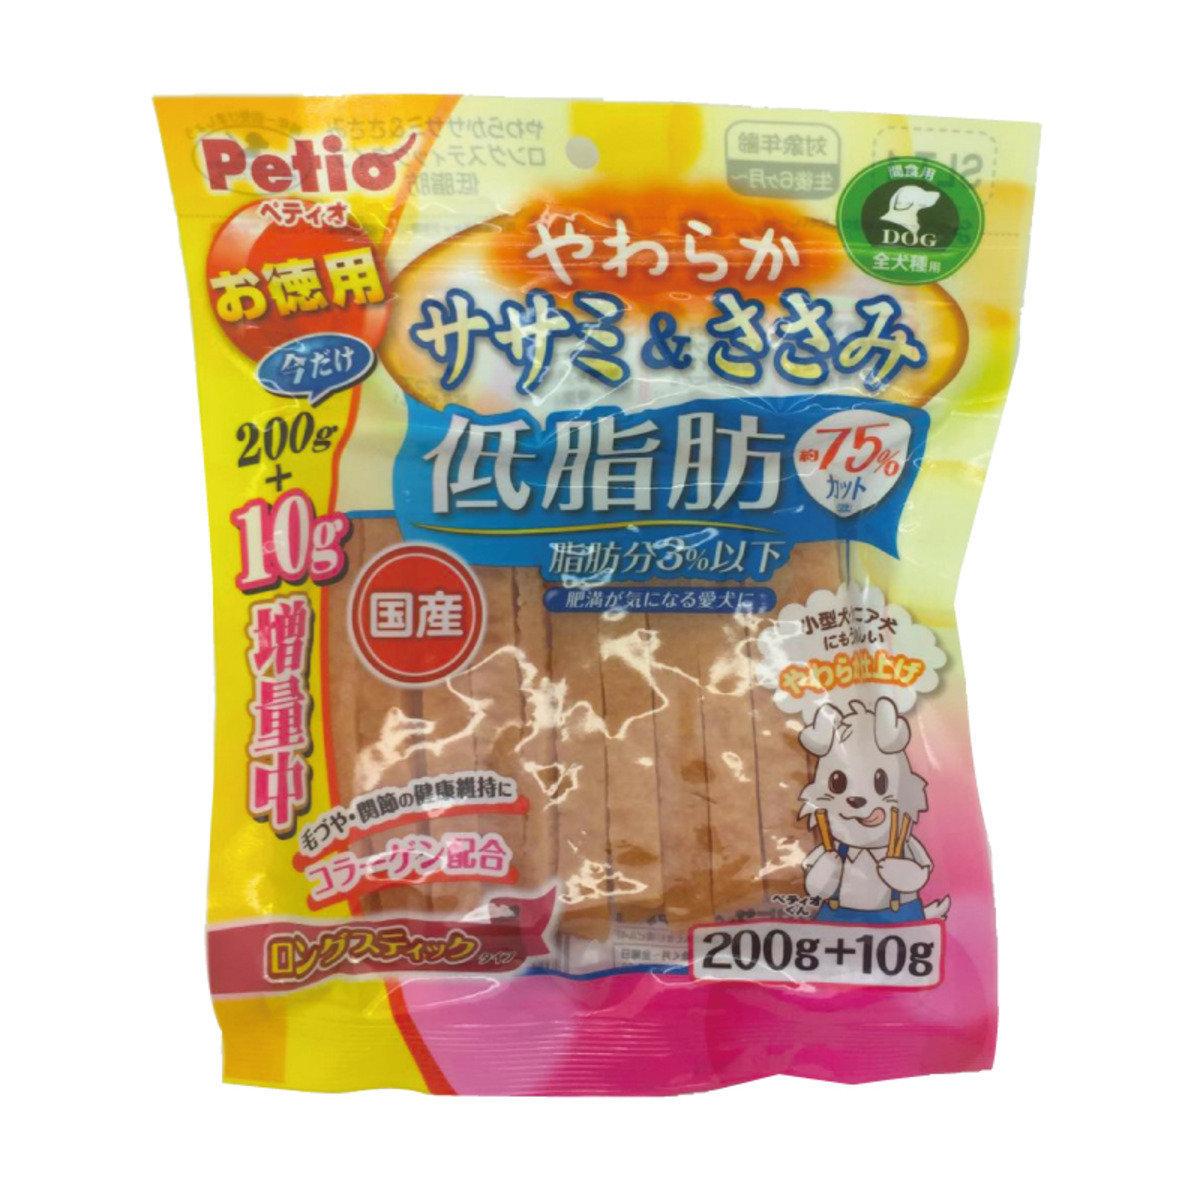 狗小食低脂雞胸肉長條(W1291470)200g+10g(最佳食用日期:30/07/2019)